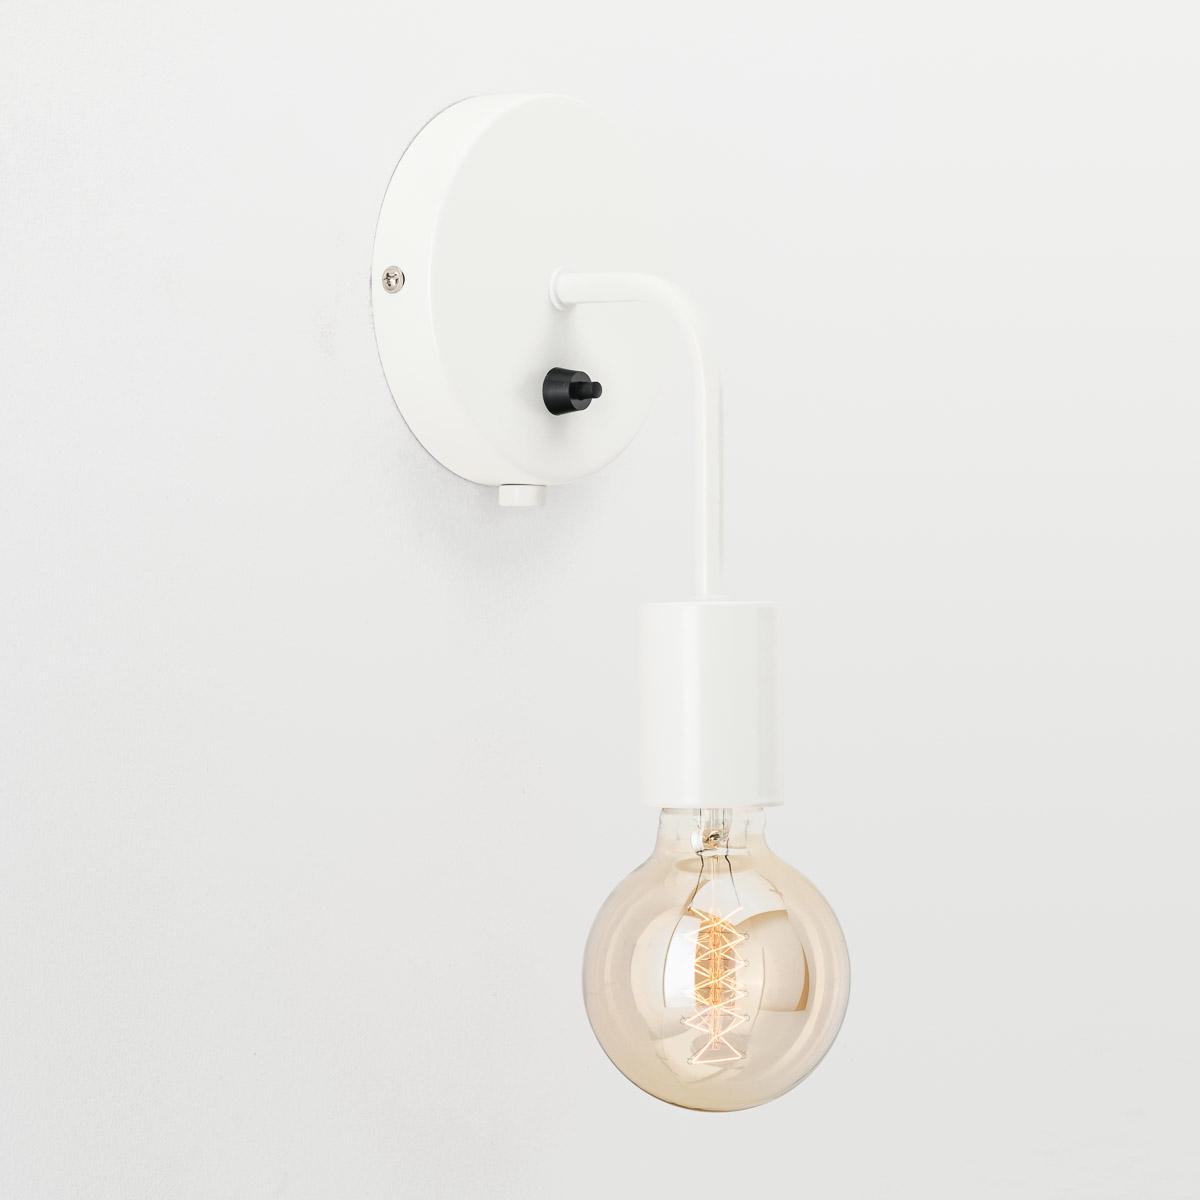 Настенный светильник Loui белый